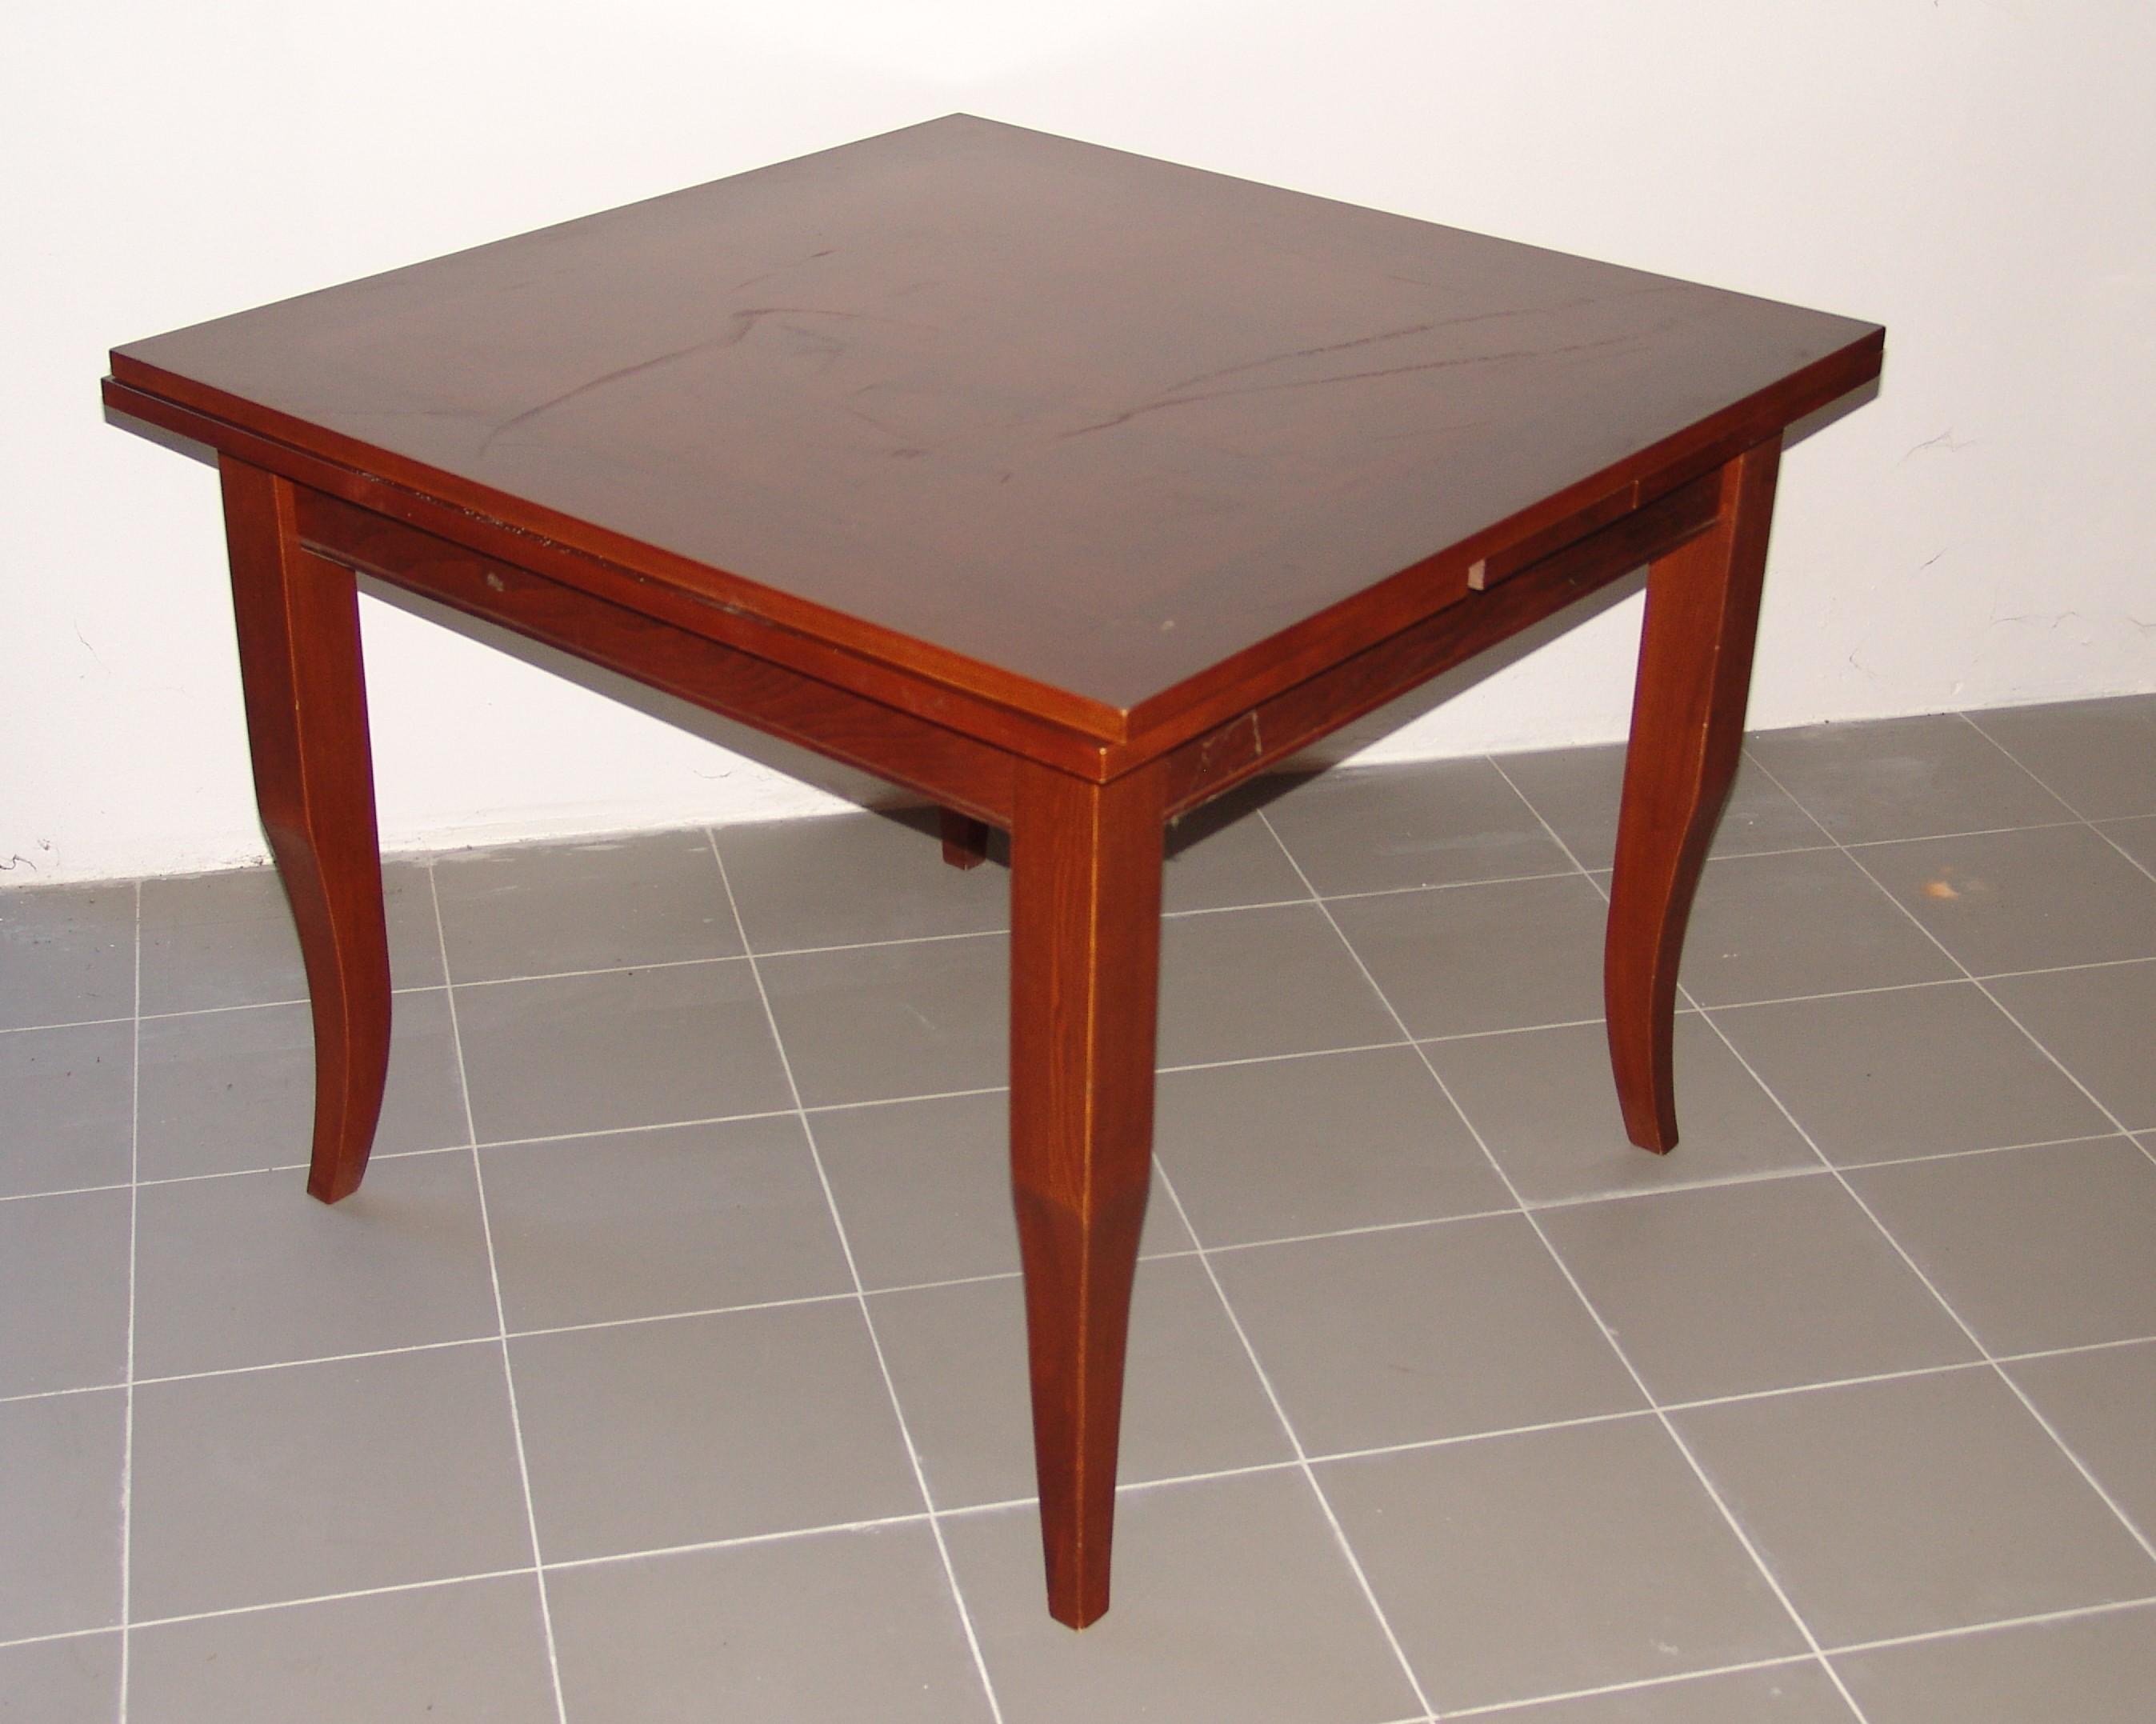 Tavolo Quadrato Apribile A Libro.Tavolo Quadrato A Libro Mobili Lupparelli